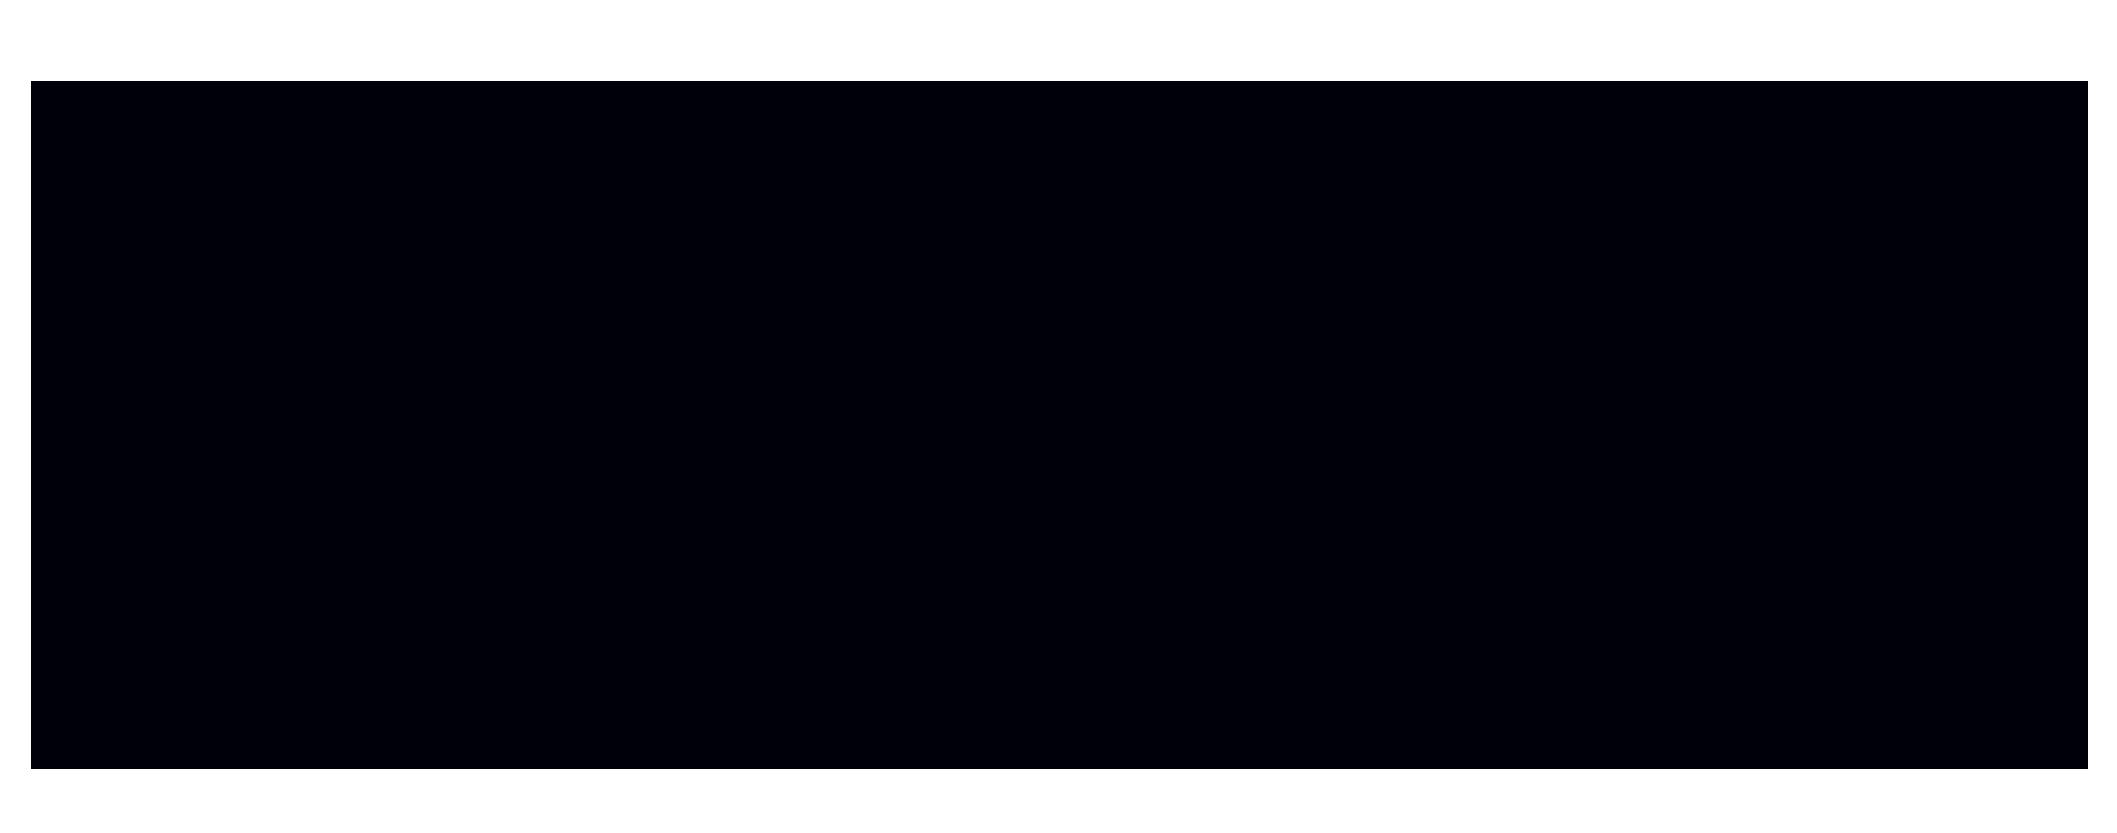 Sanni Schmidt Art